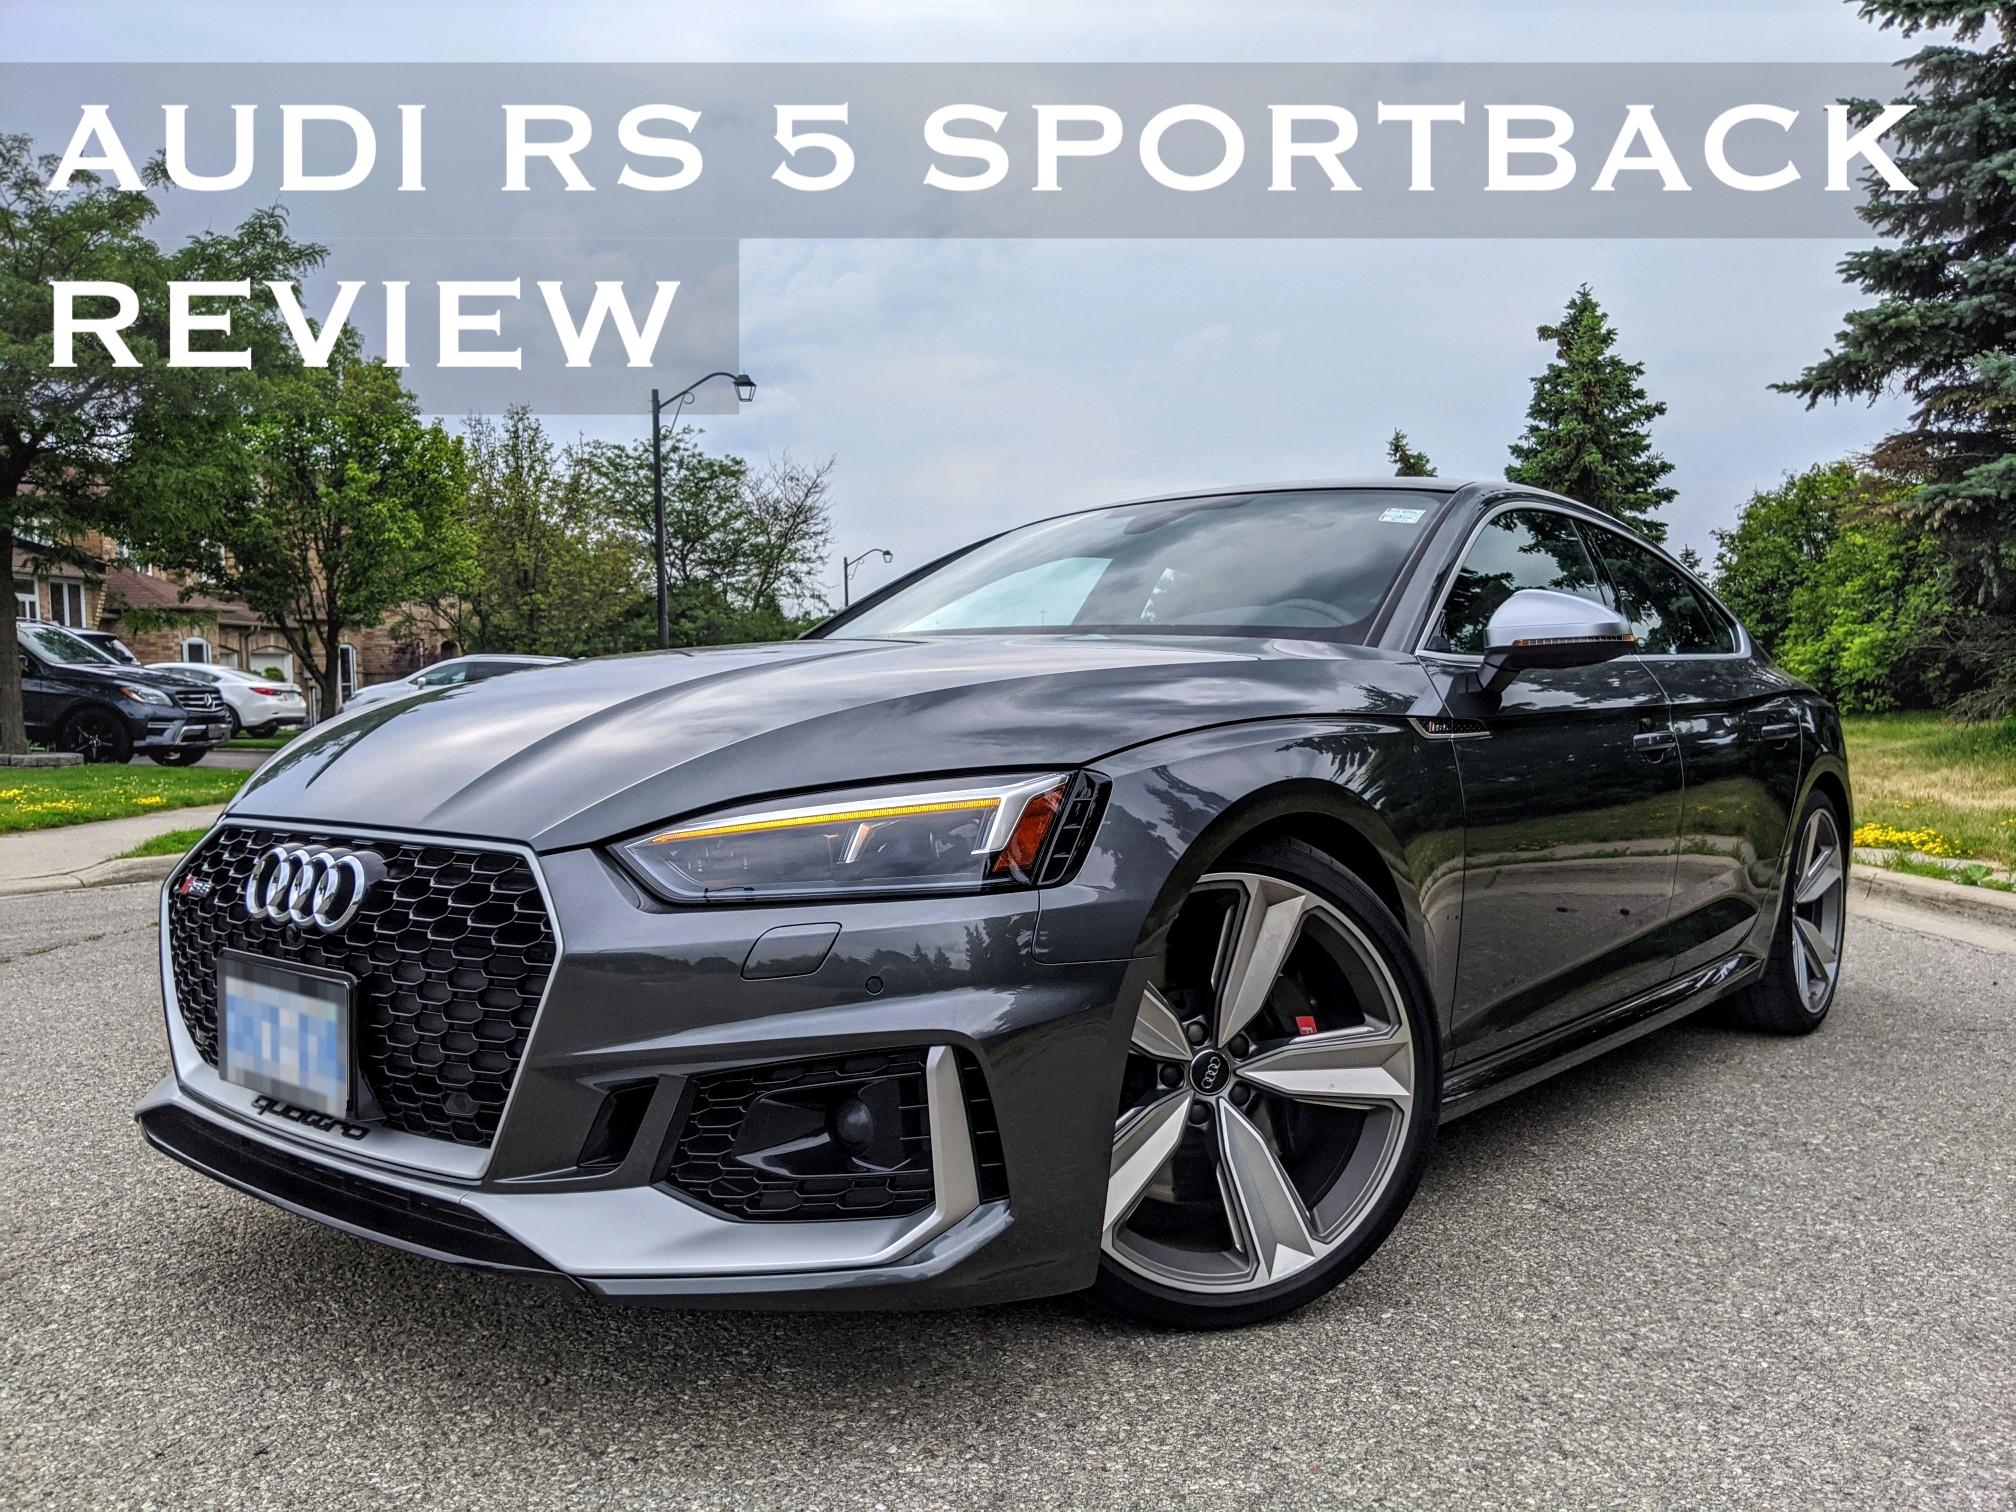 Audi RS5 Thumbnail 1